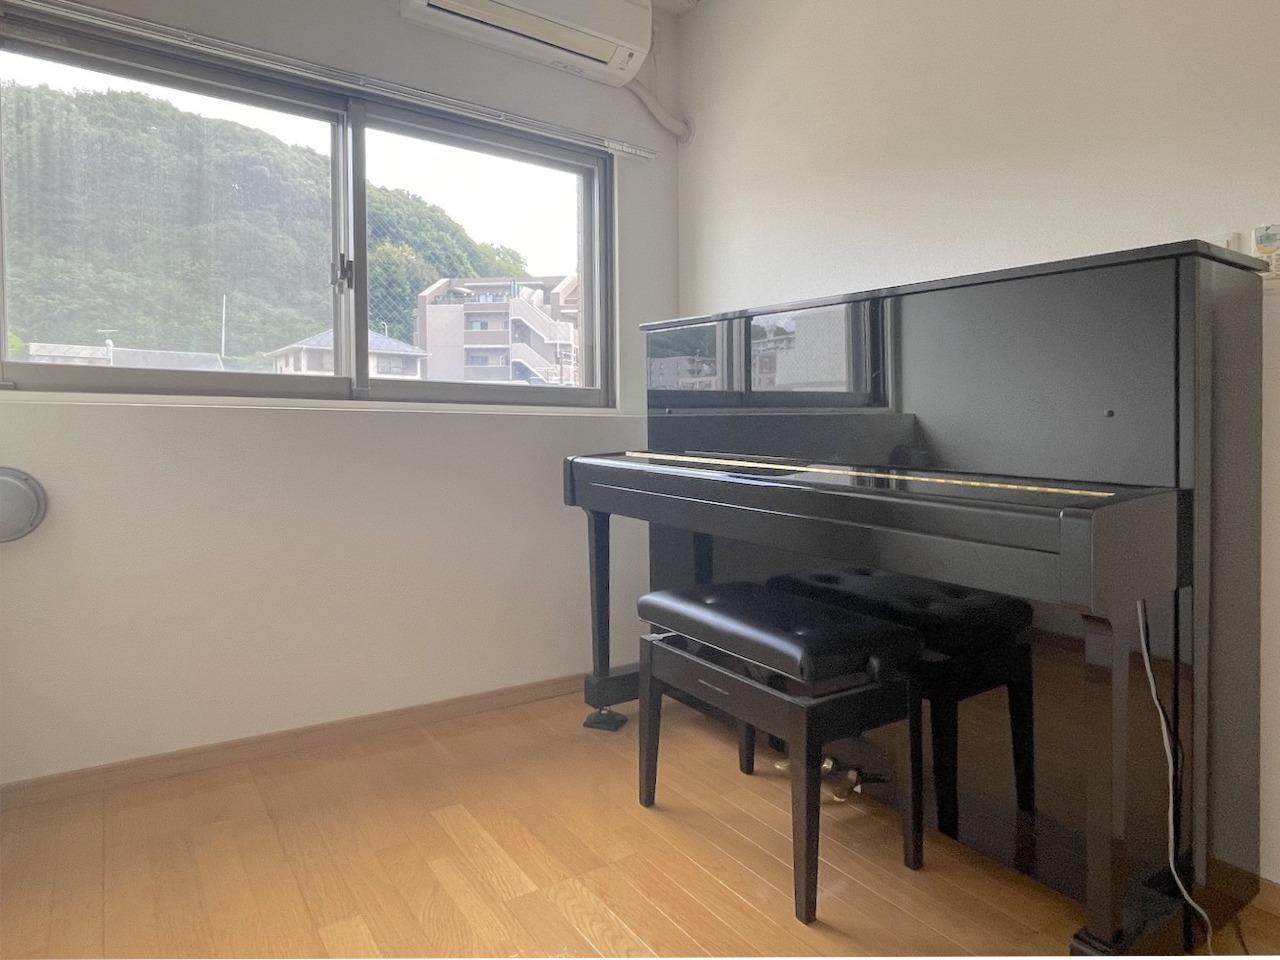 ピアノ付きで防音室が完備。個人練習に利用できます。